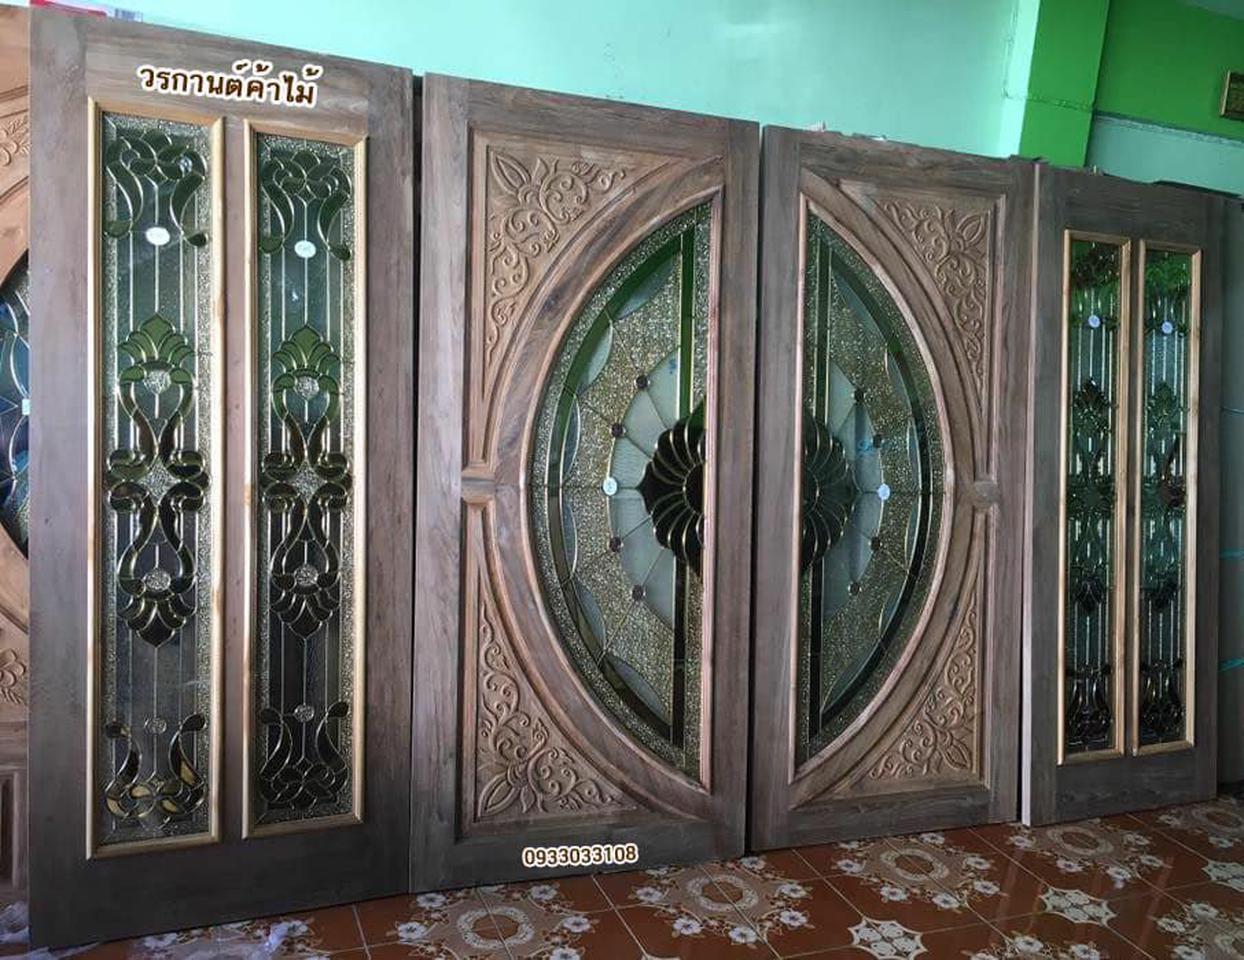 ประตูไม้สัก,ประตูไม้สักกระจกนิรภัย ไม้สักเก่า  ร้านวรกานต์ค้าไม้ door-woodhome.com รูปที่ 6